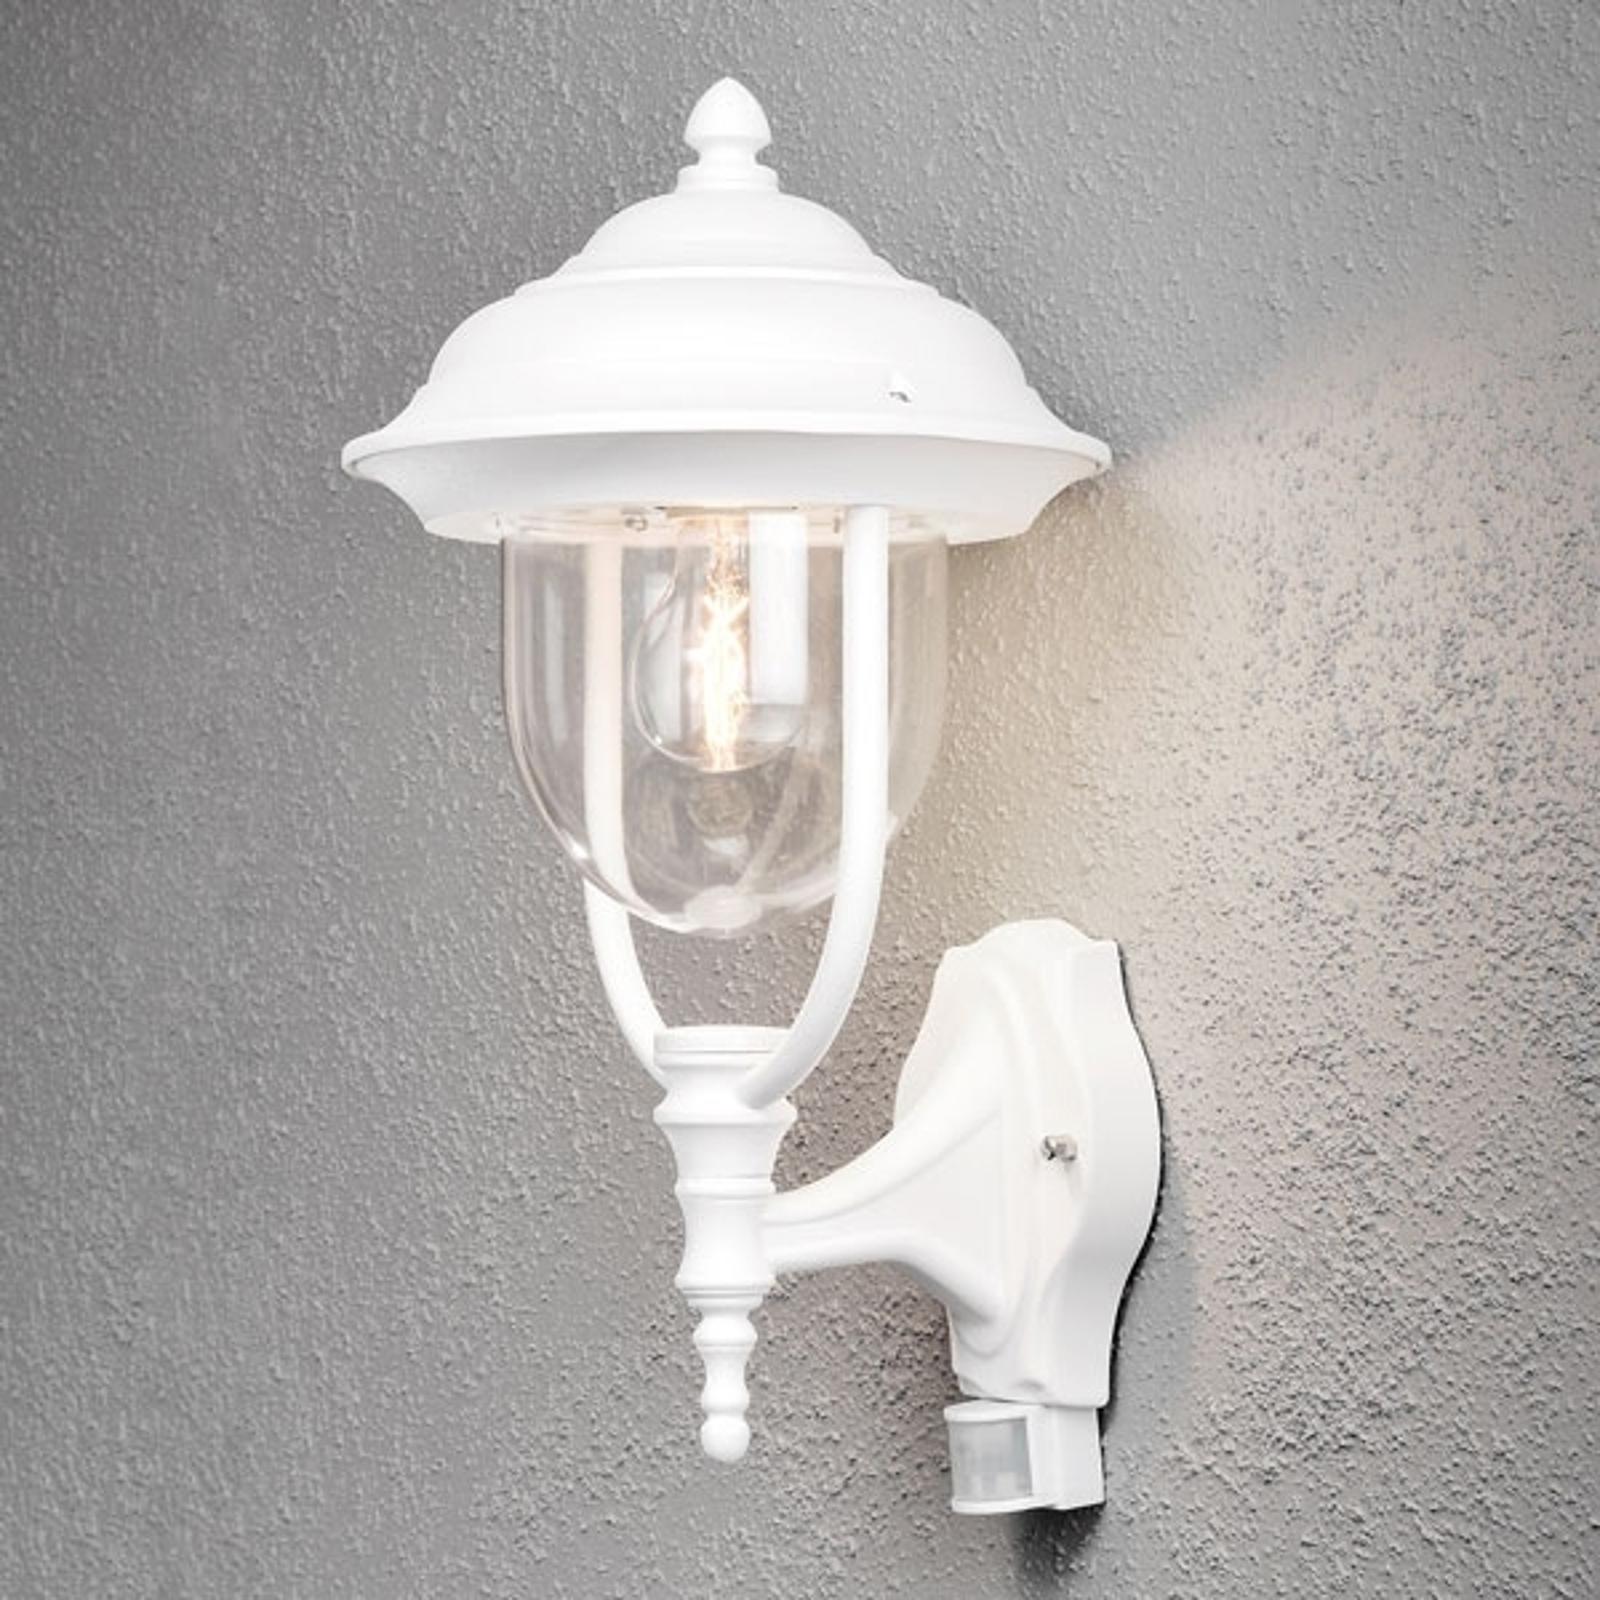 Zewnętrzna lampa ścienna PARMA z czujnikiem ruchu